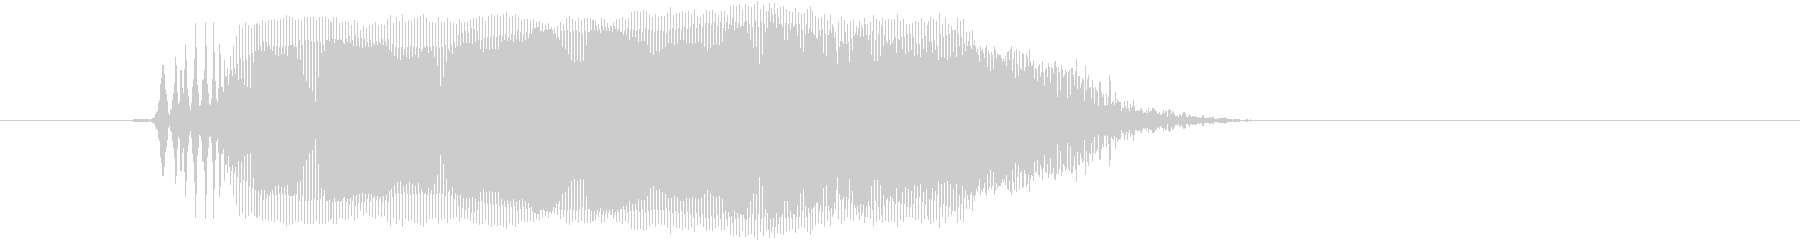 「うぅー」の未再生の波形